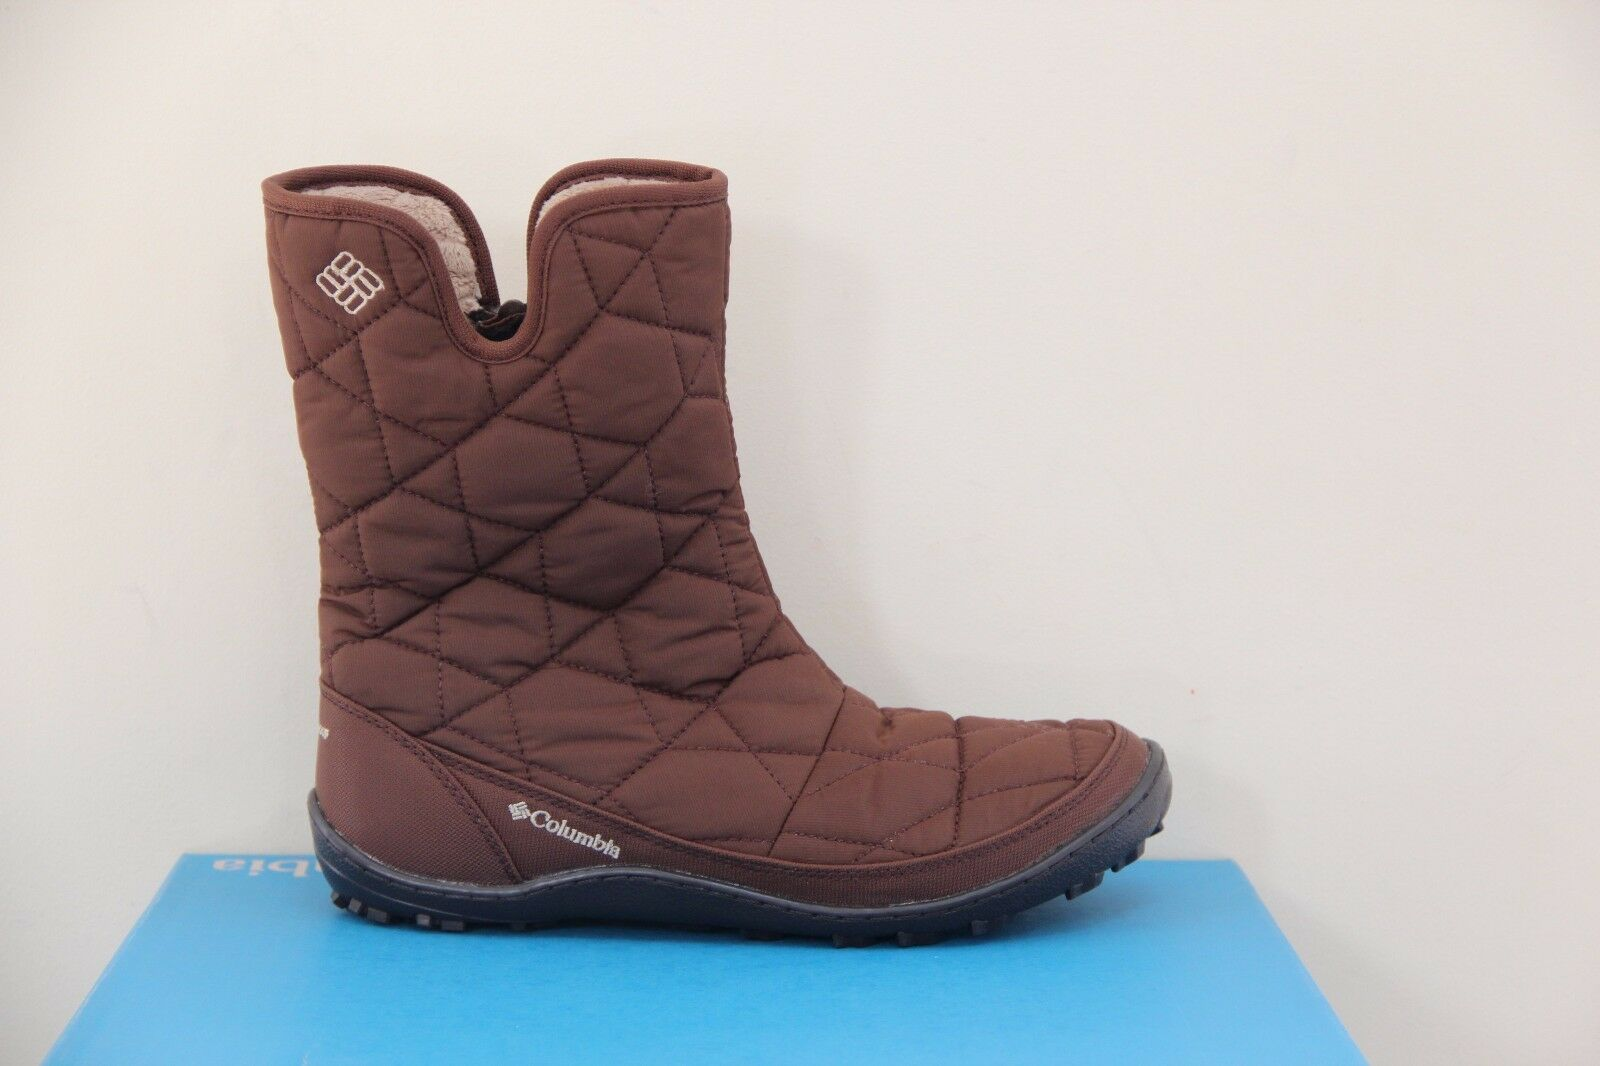 Columbia Powder Summit Mid Damenschuhe boots Größe 6.5 NIB